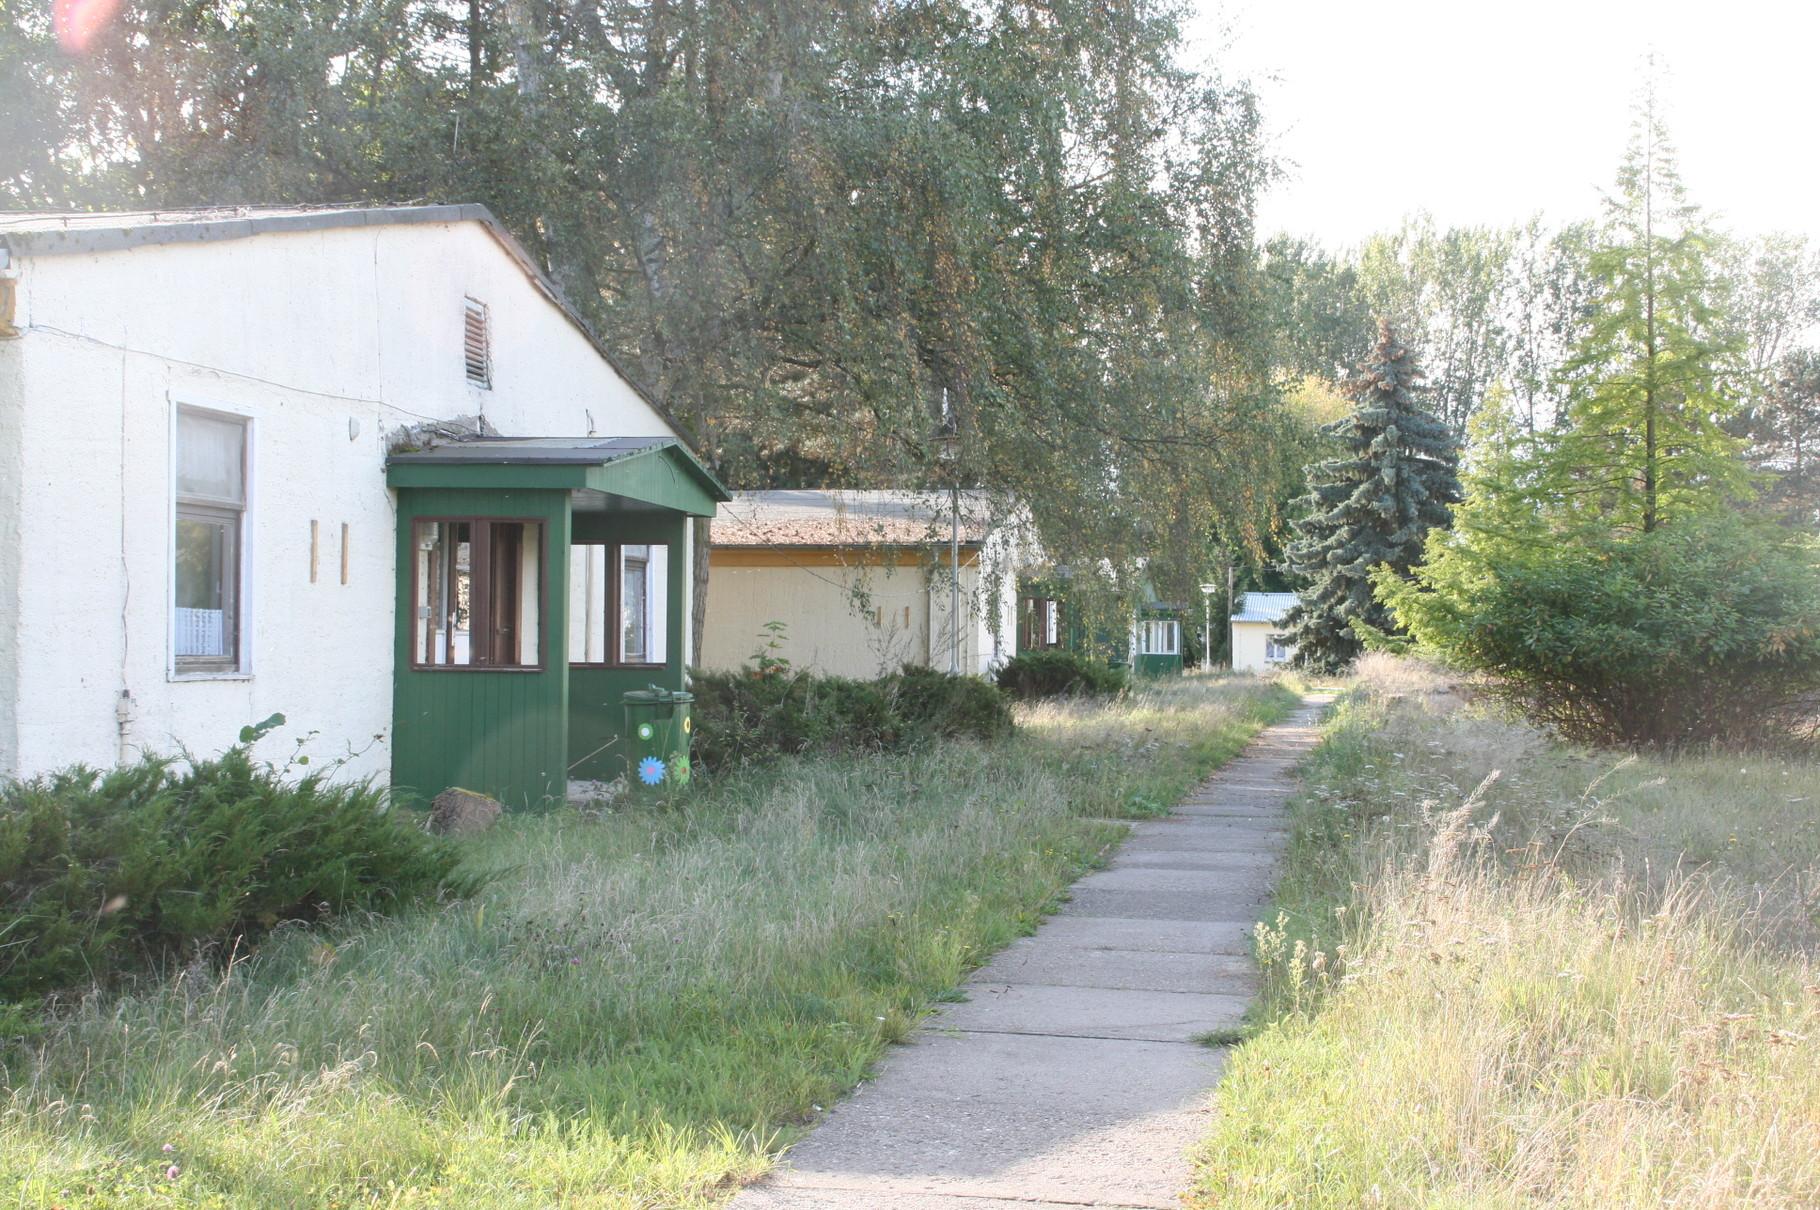 Das Lager, in dem Teile des Filmes entstanden, wurde 2014 für 35.500 Euro verkauft.